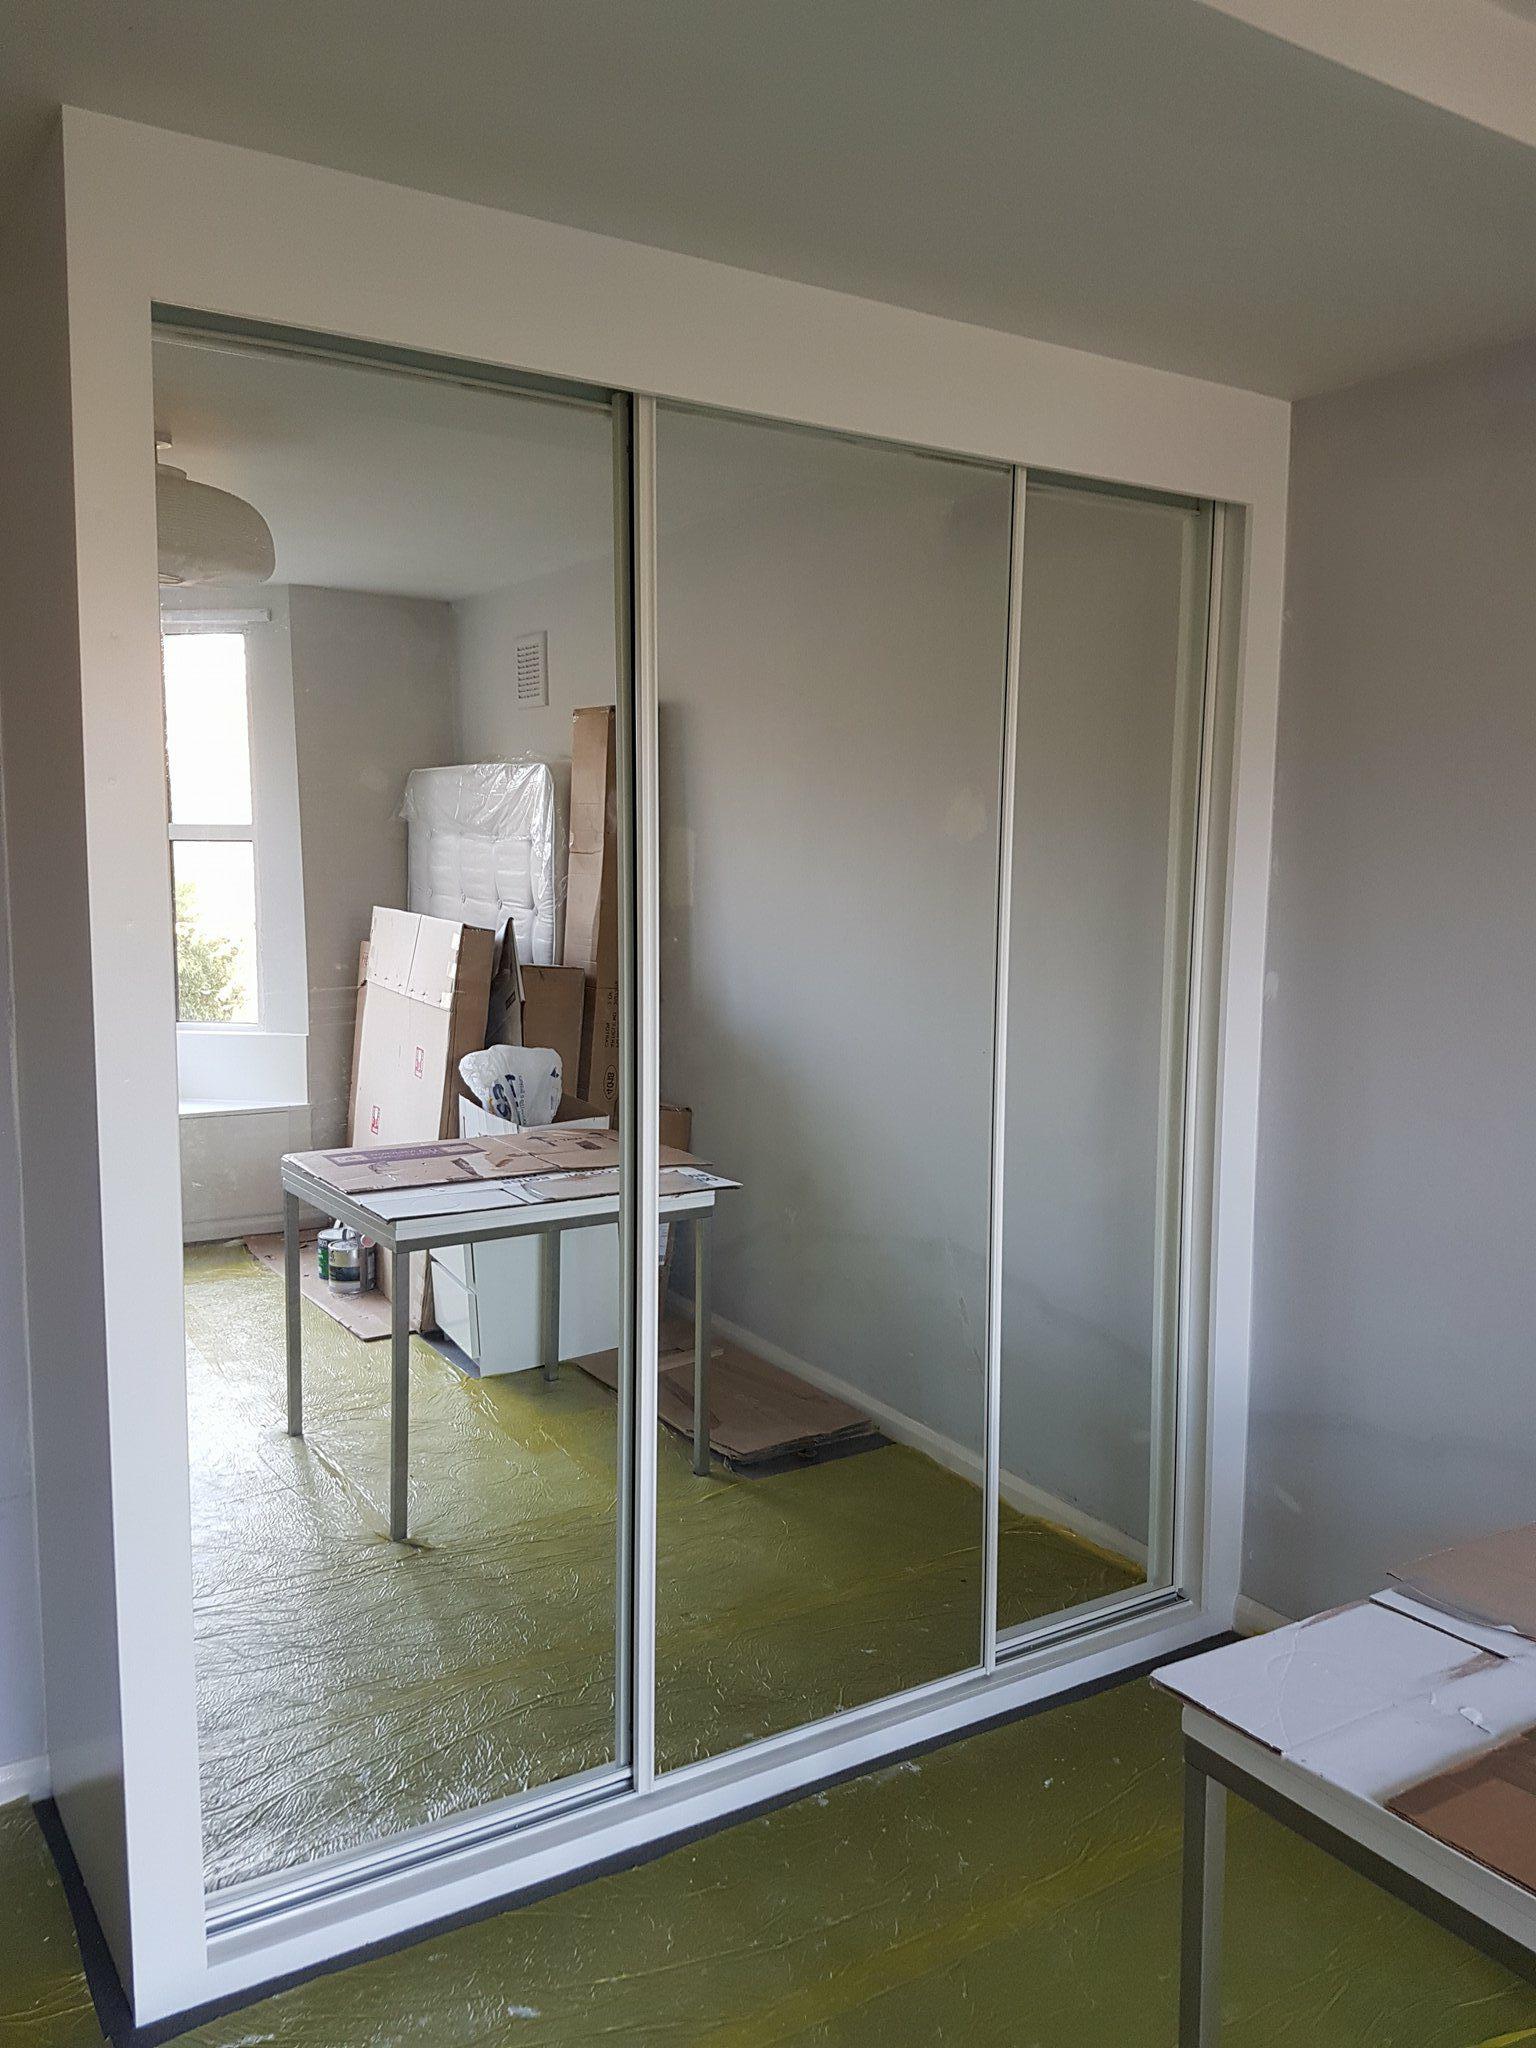 Wardrobe-Storage-bench-Willesden-Green-6